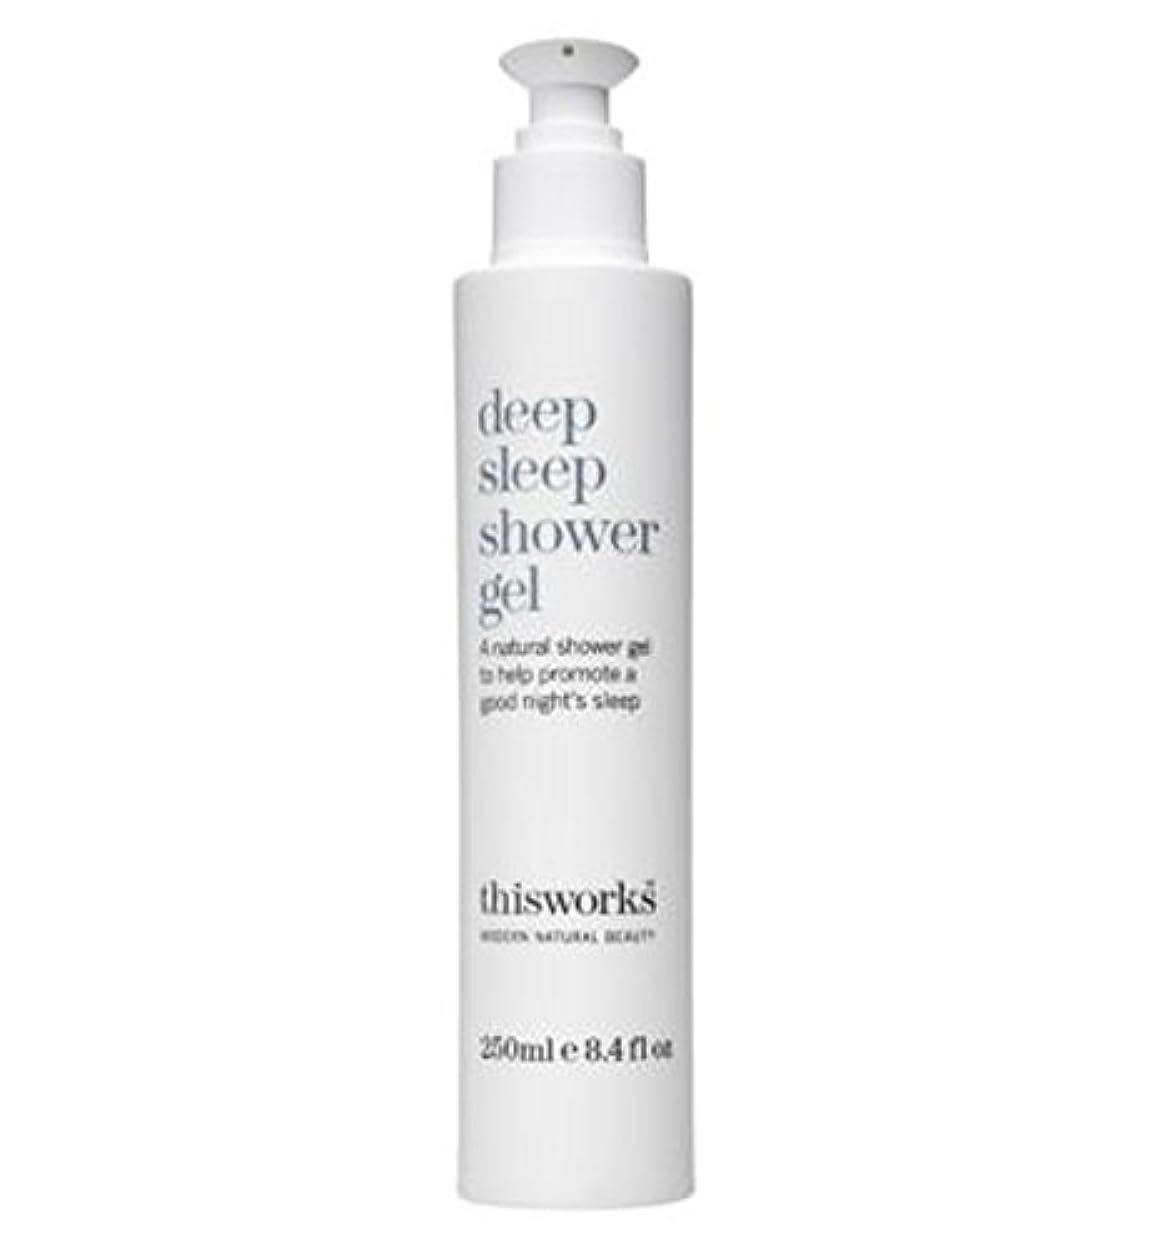 ぐるぐるアコード慣らすこれは、深い眠りシャワージェル250ミリリットルの作品 (This Works) (x2) - this works deep sleep shower gel 250ml (Pack of 2) [並行輸入品]